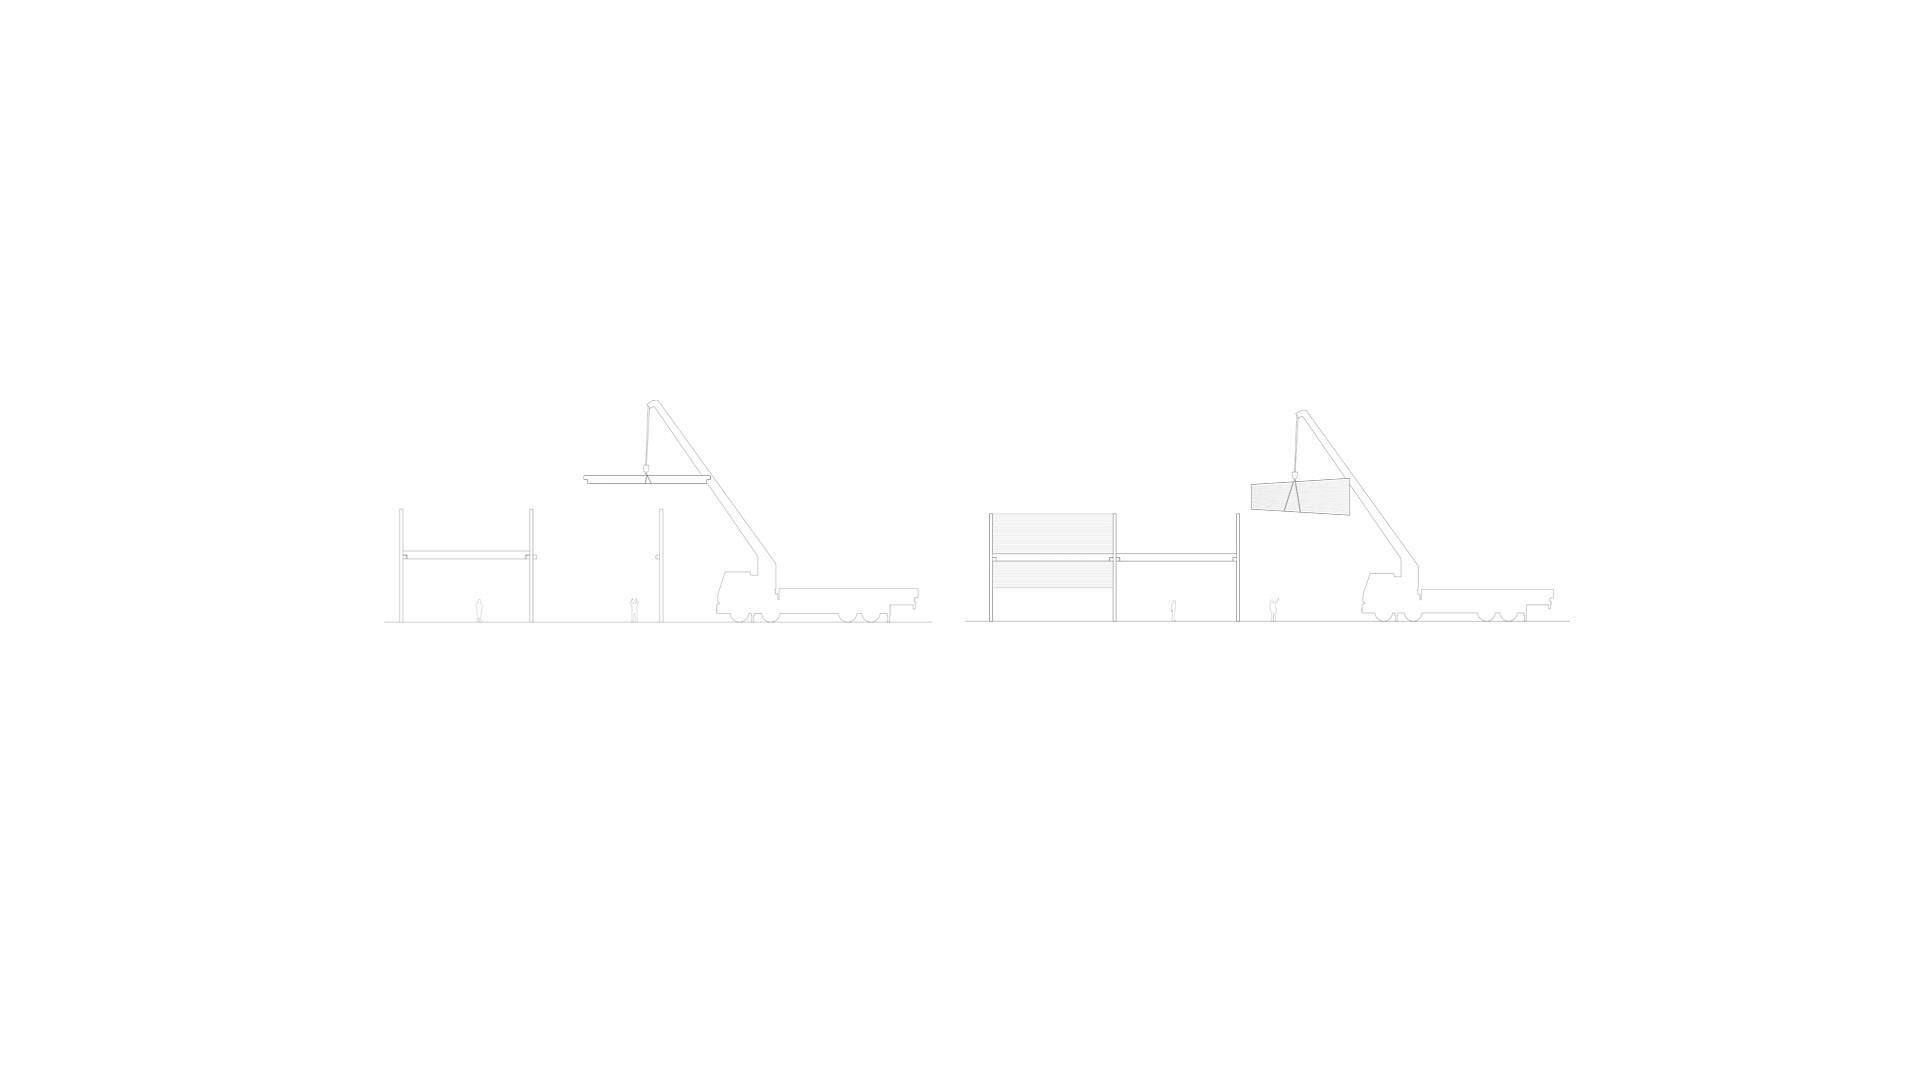 bela-serra-diagrama-sistema-construtivo-01